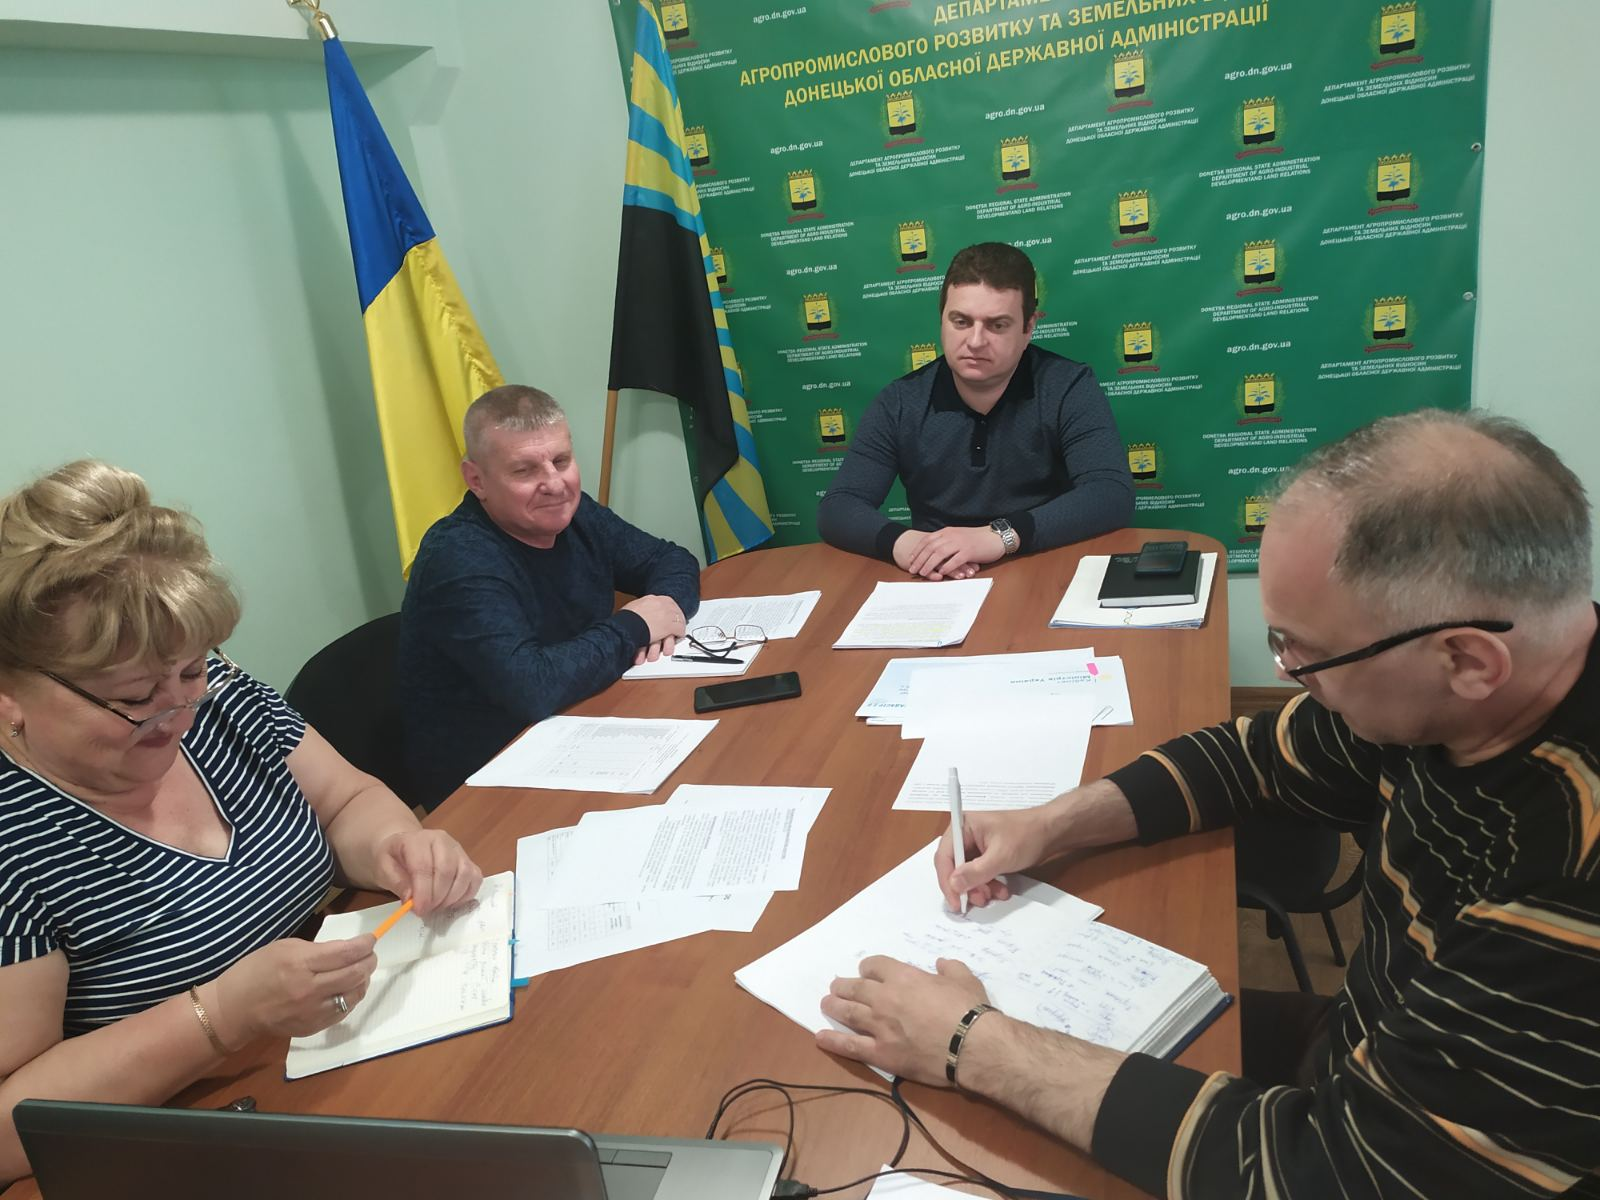 Відбулася селекторна нарада з Мінекономіки з питань посівної, держпідтримки АПК та земельної реформи